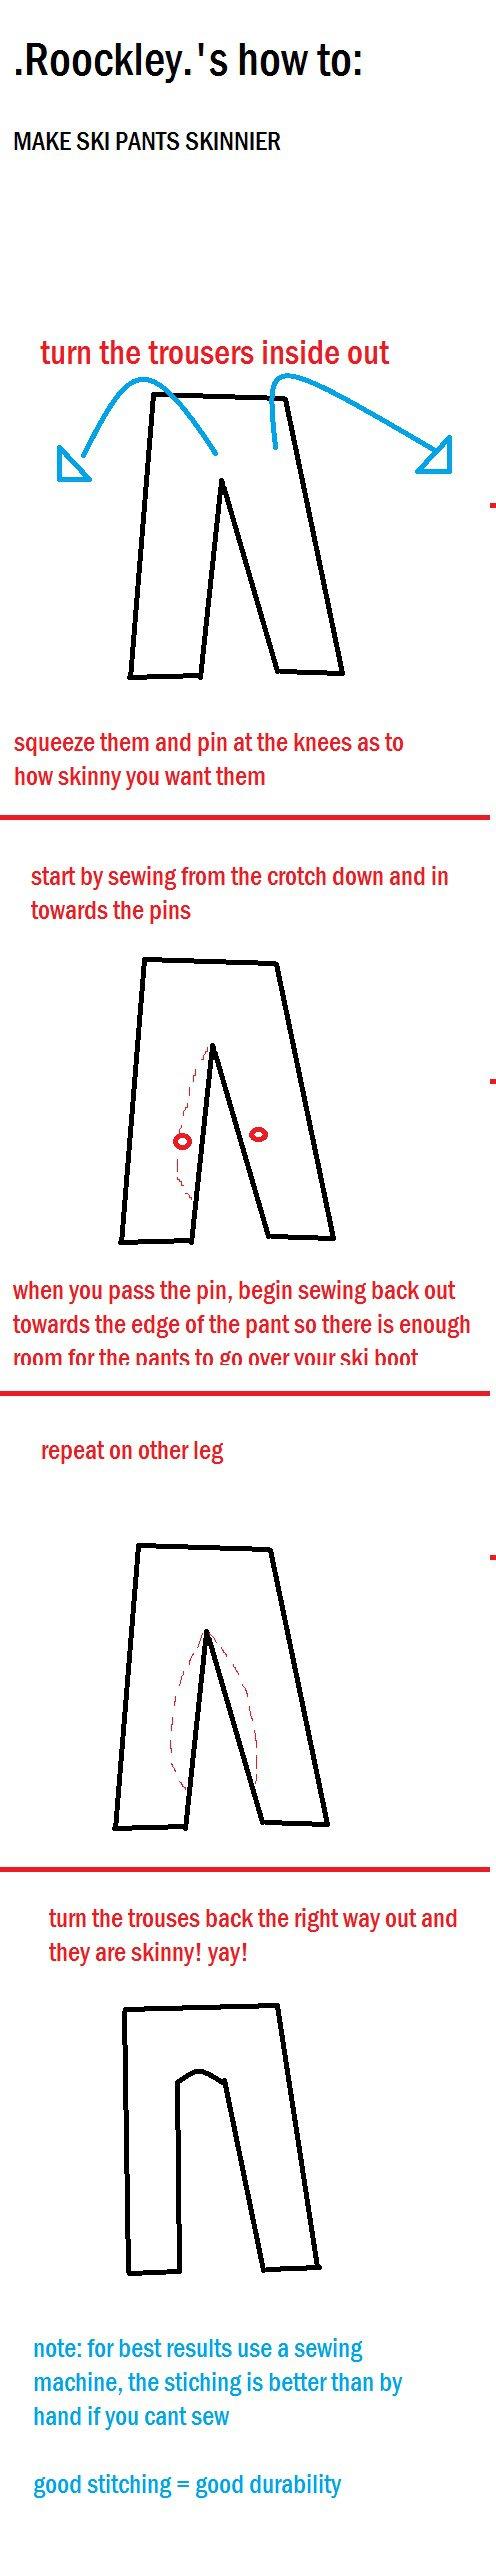 how to make ski pants skinnier